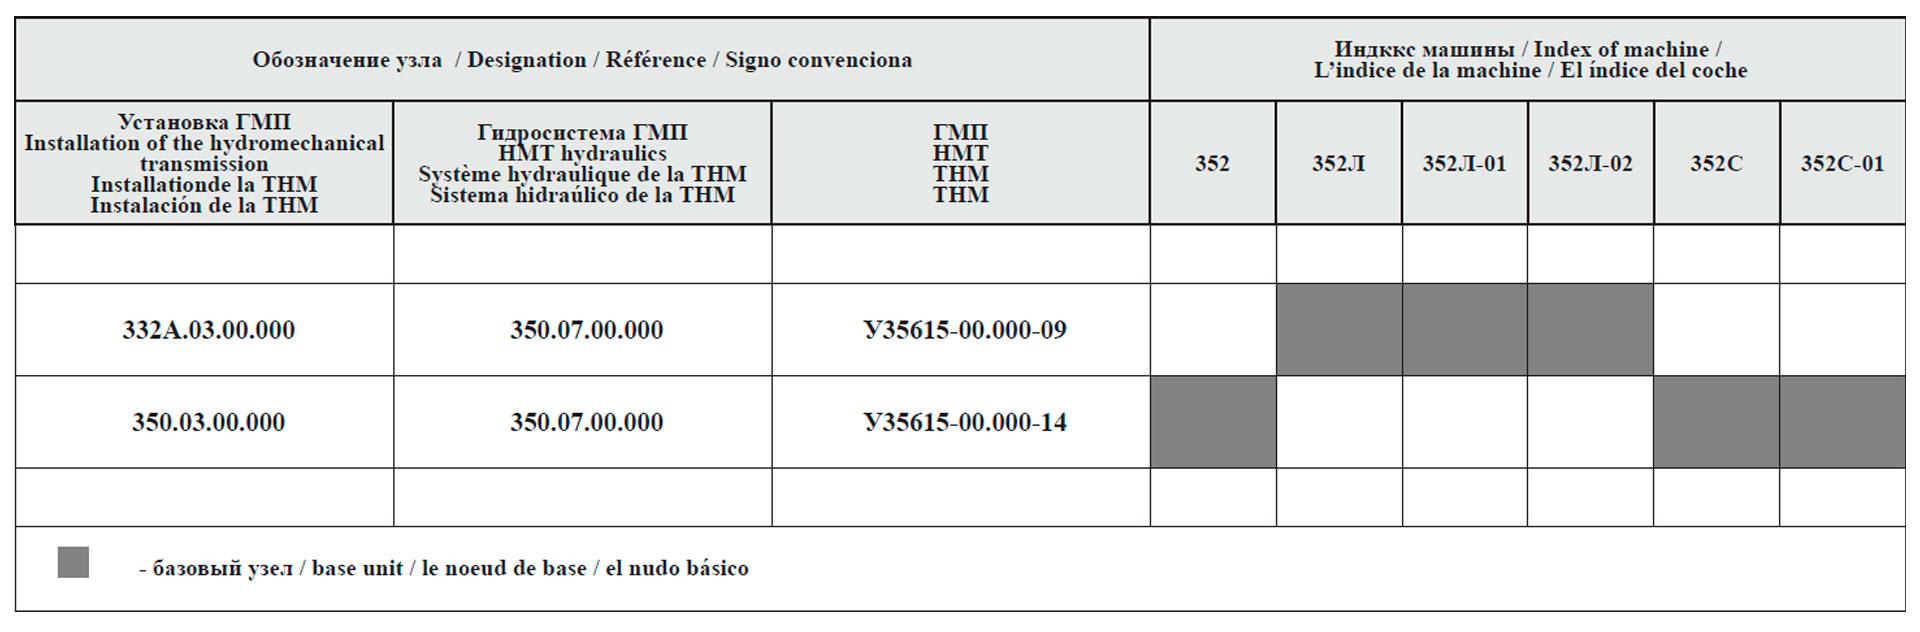 Сводная таблица исполнений гидромеханической передачи для машин грузоподъемностью 5 т